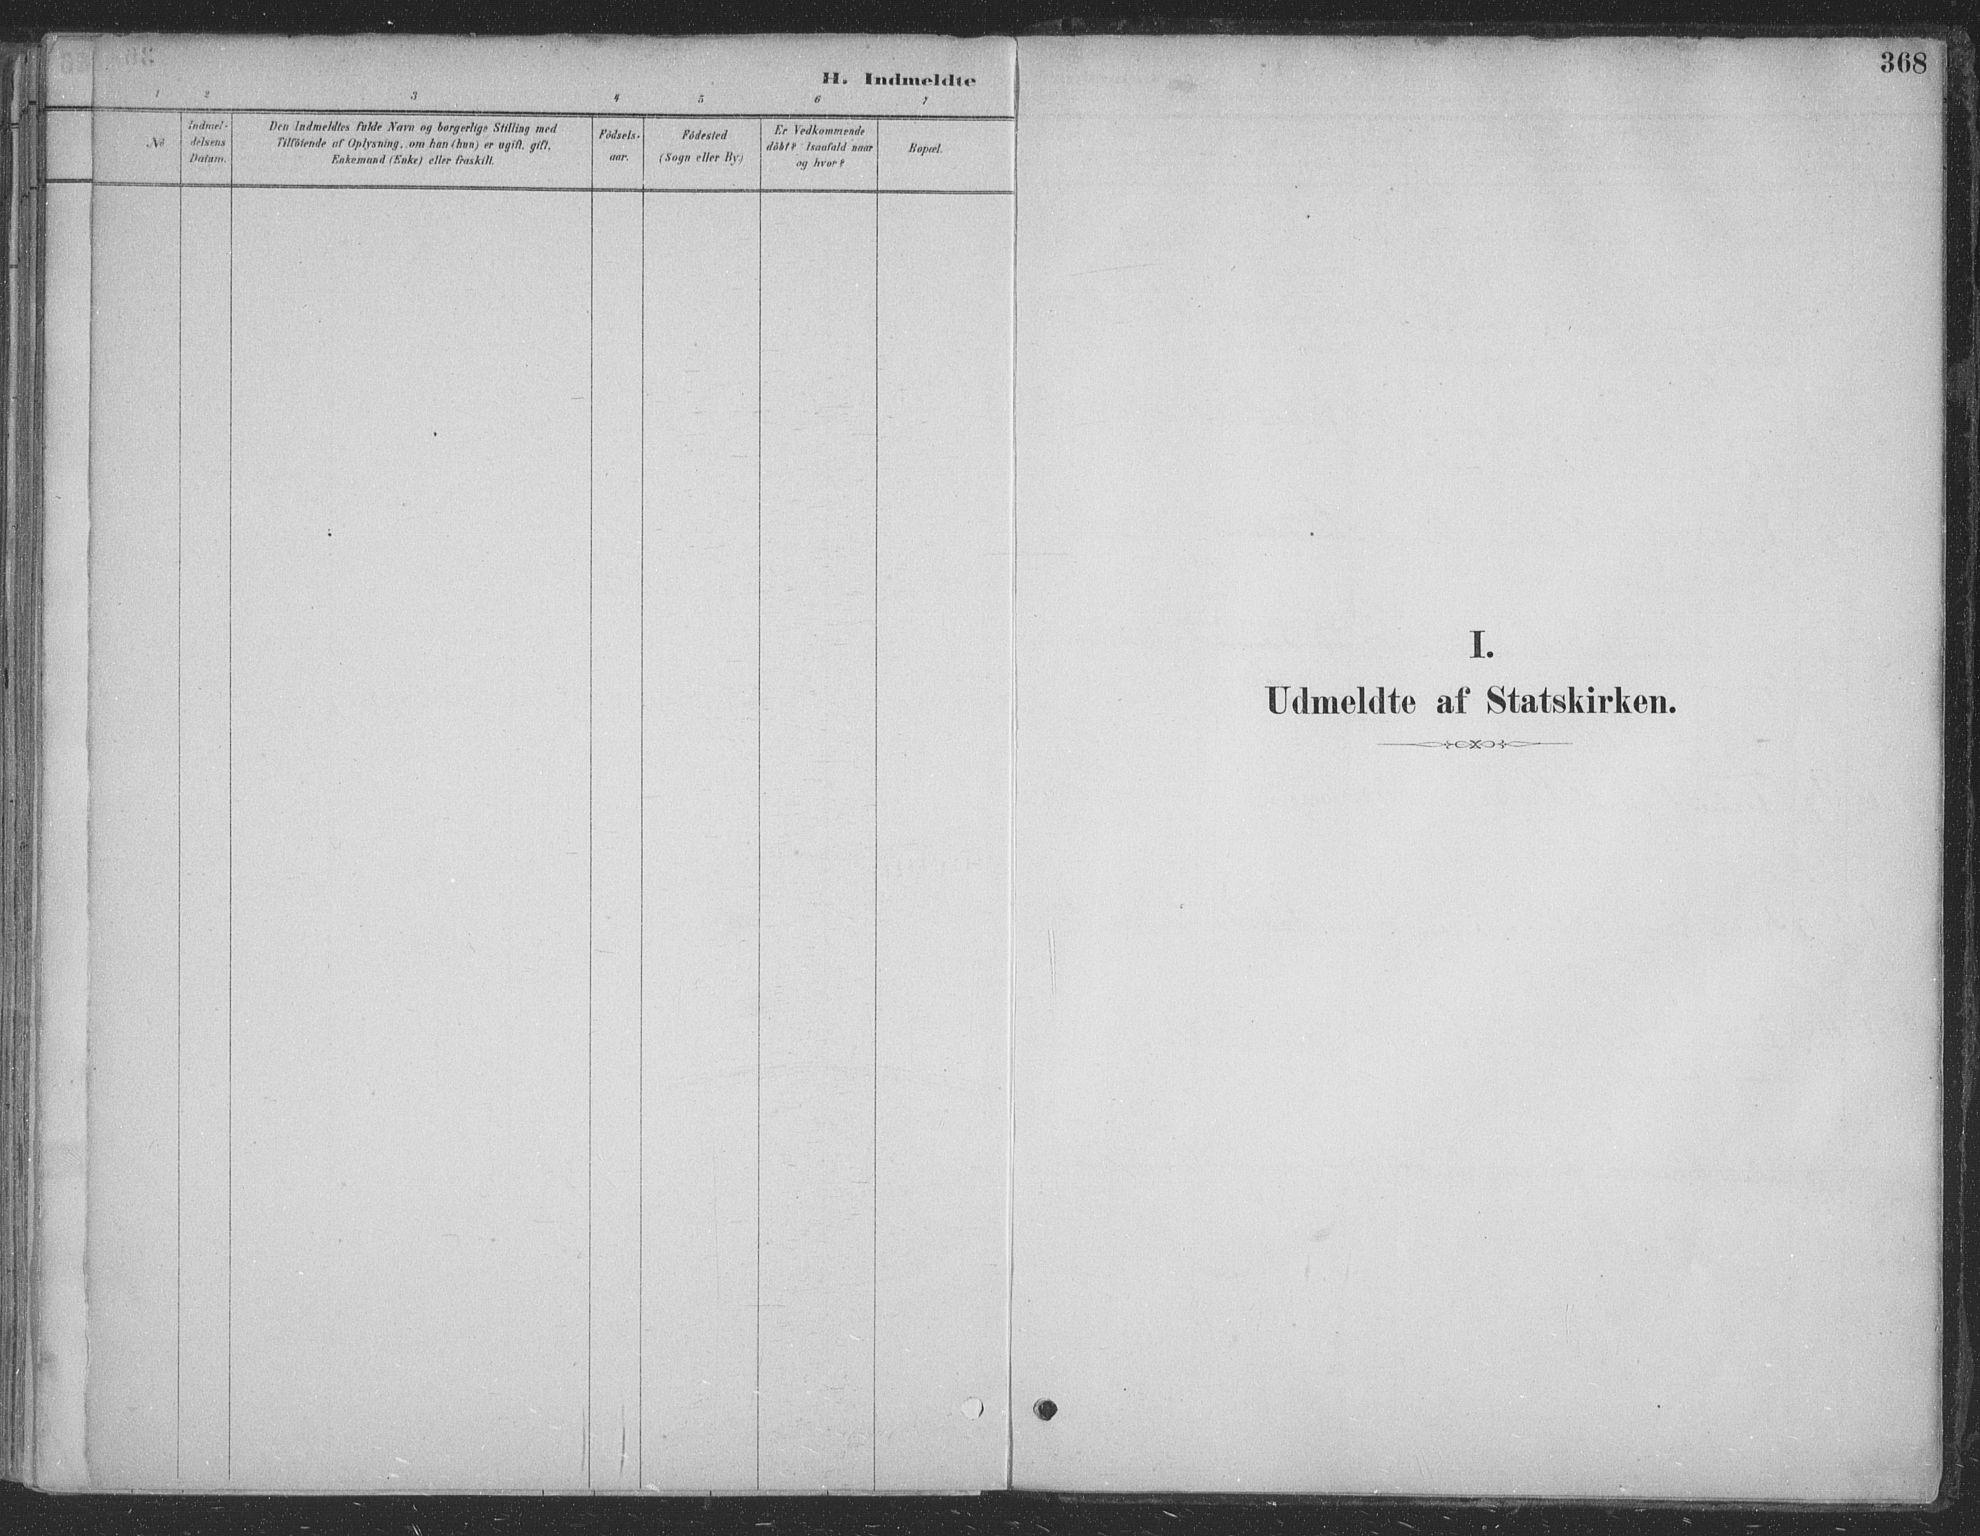 SATØ, Vadsø sokneprestkontor, H/Ha/L0009kirke: Ministerialbok nr. 9, 1881-1917, s. 368